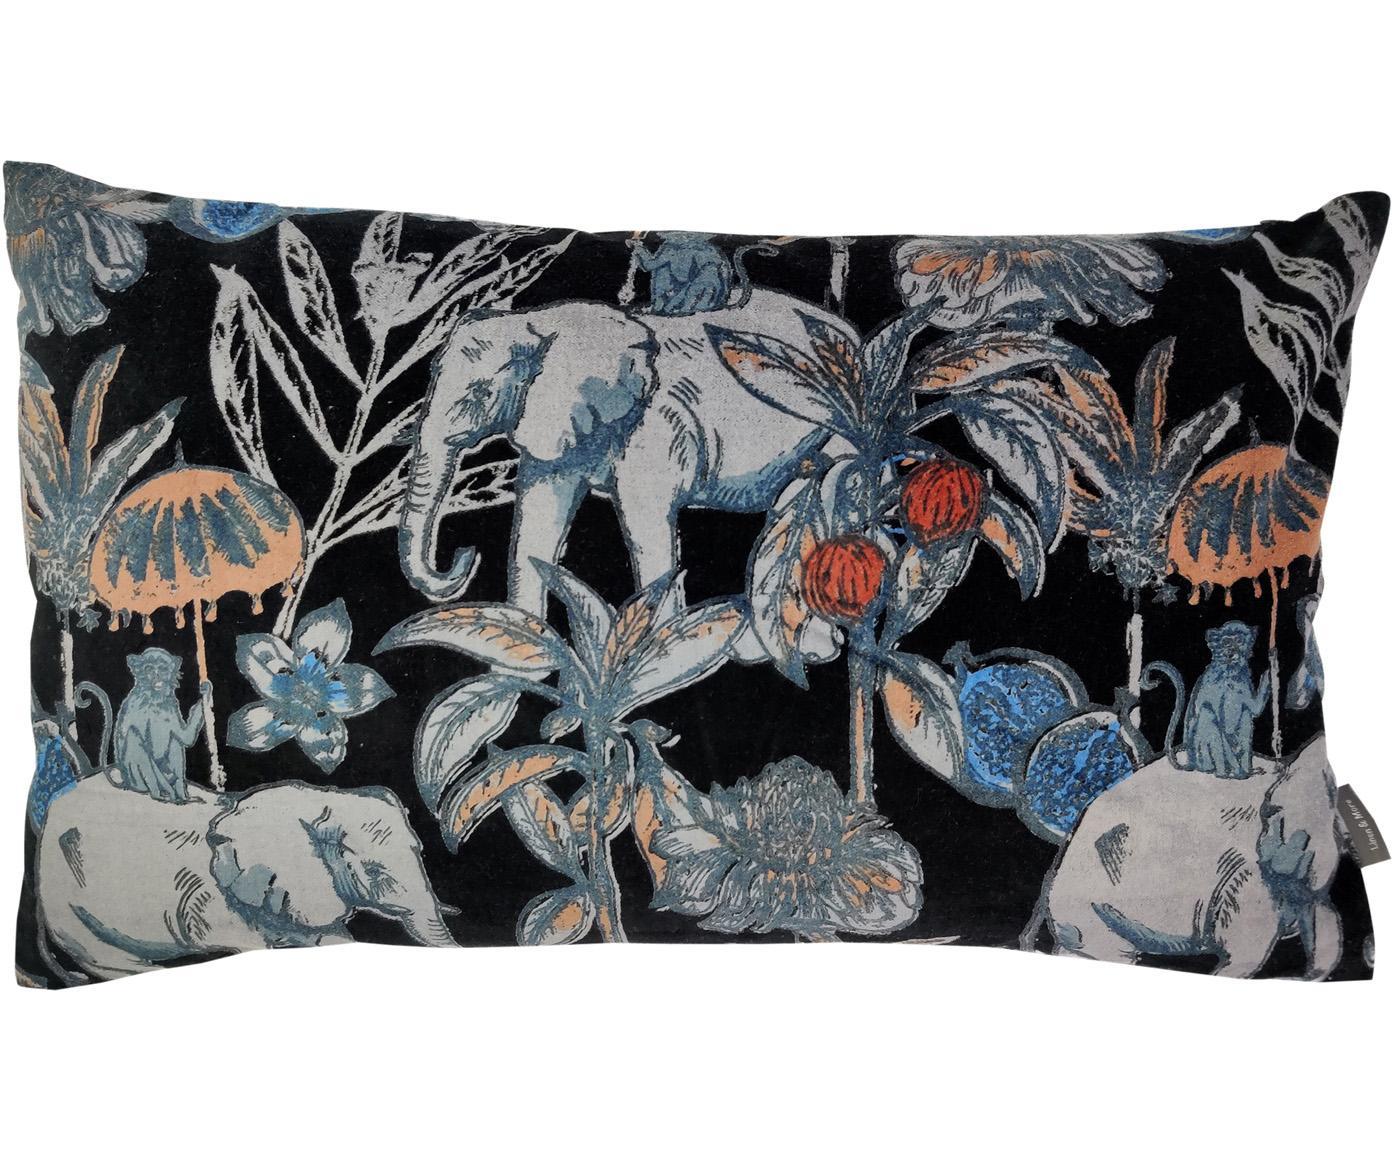 Cuscino con imbottitura Elephant, Rivestimento: 100% cotone, Nero, multicolore, Larg. 30 x Lung. 50 cm